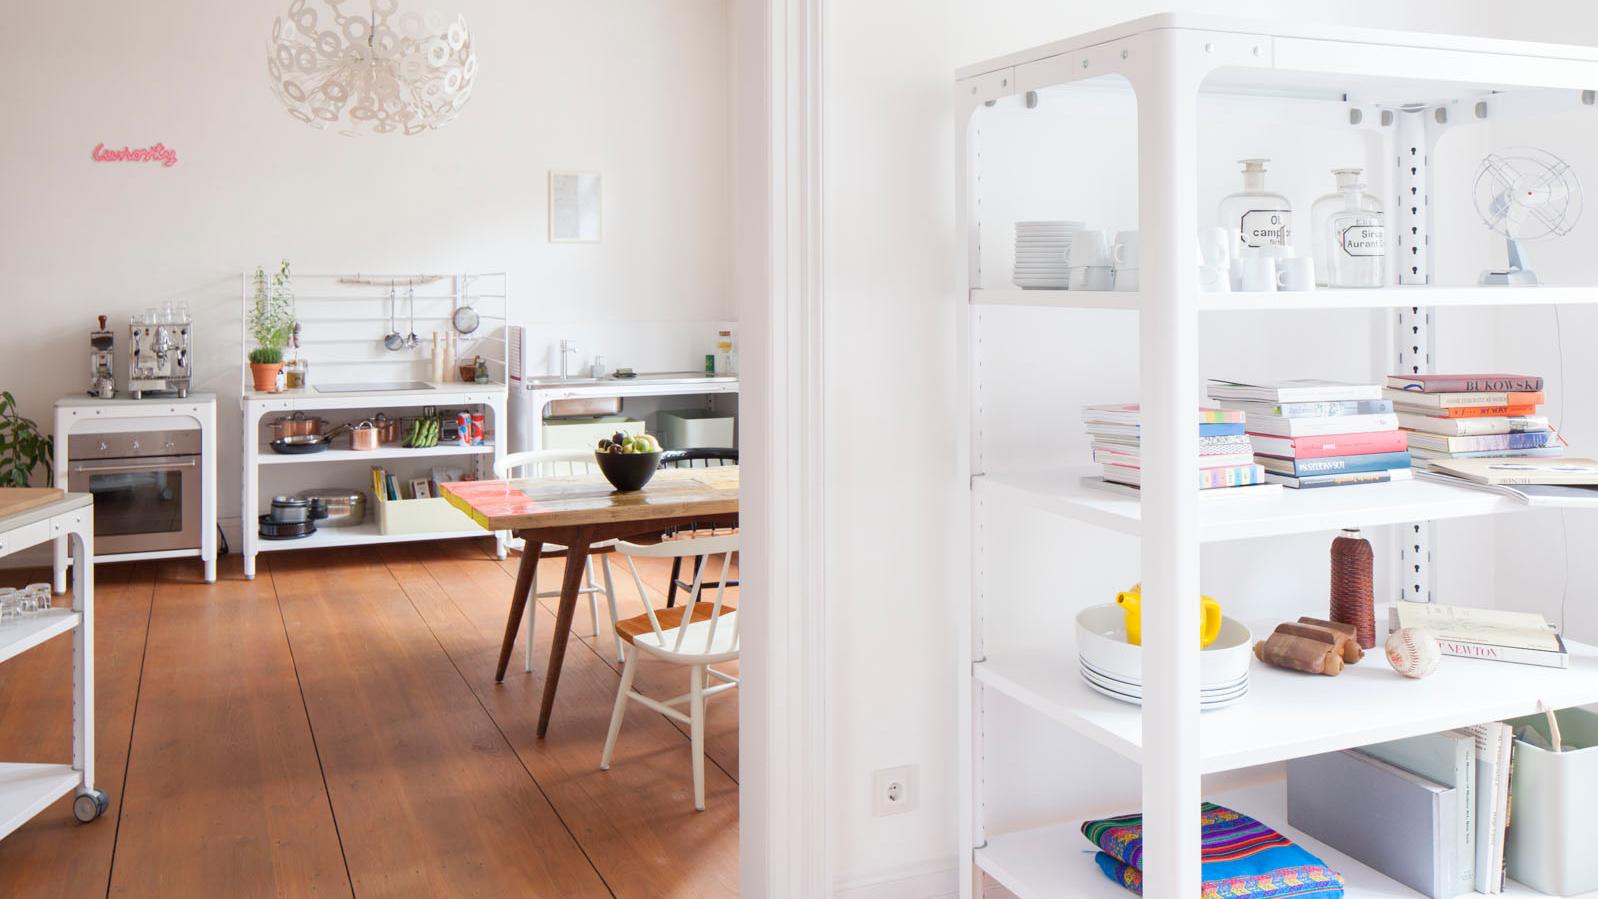 Full Size of Modulküche Edelstahl Modulkche Kompakt Ikea Holz Outdoor Küche Edelstahlküche Gebraucht Garten Wohnzimmer Modulküche Edelstahl